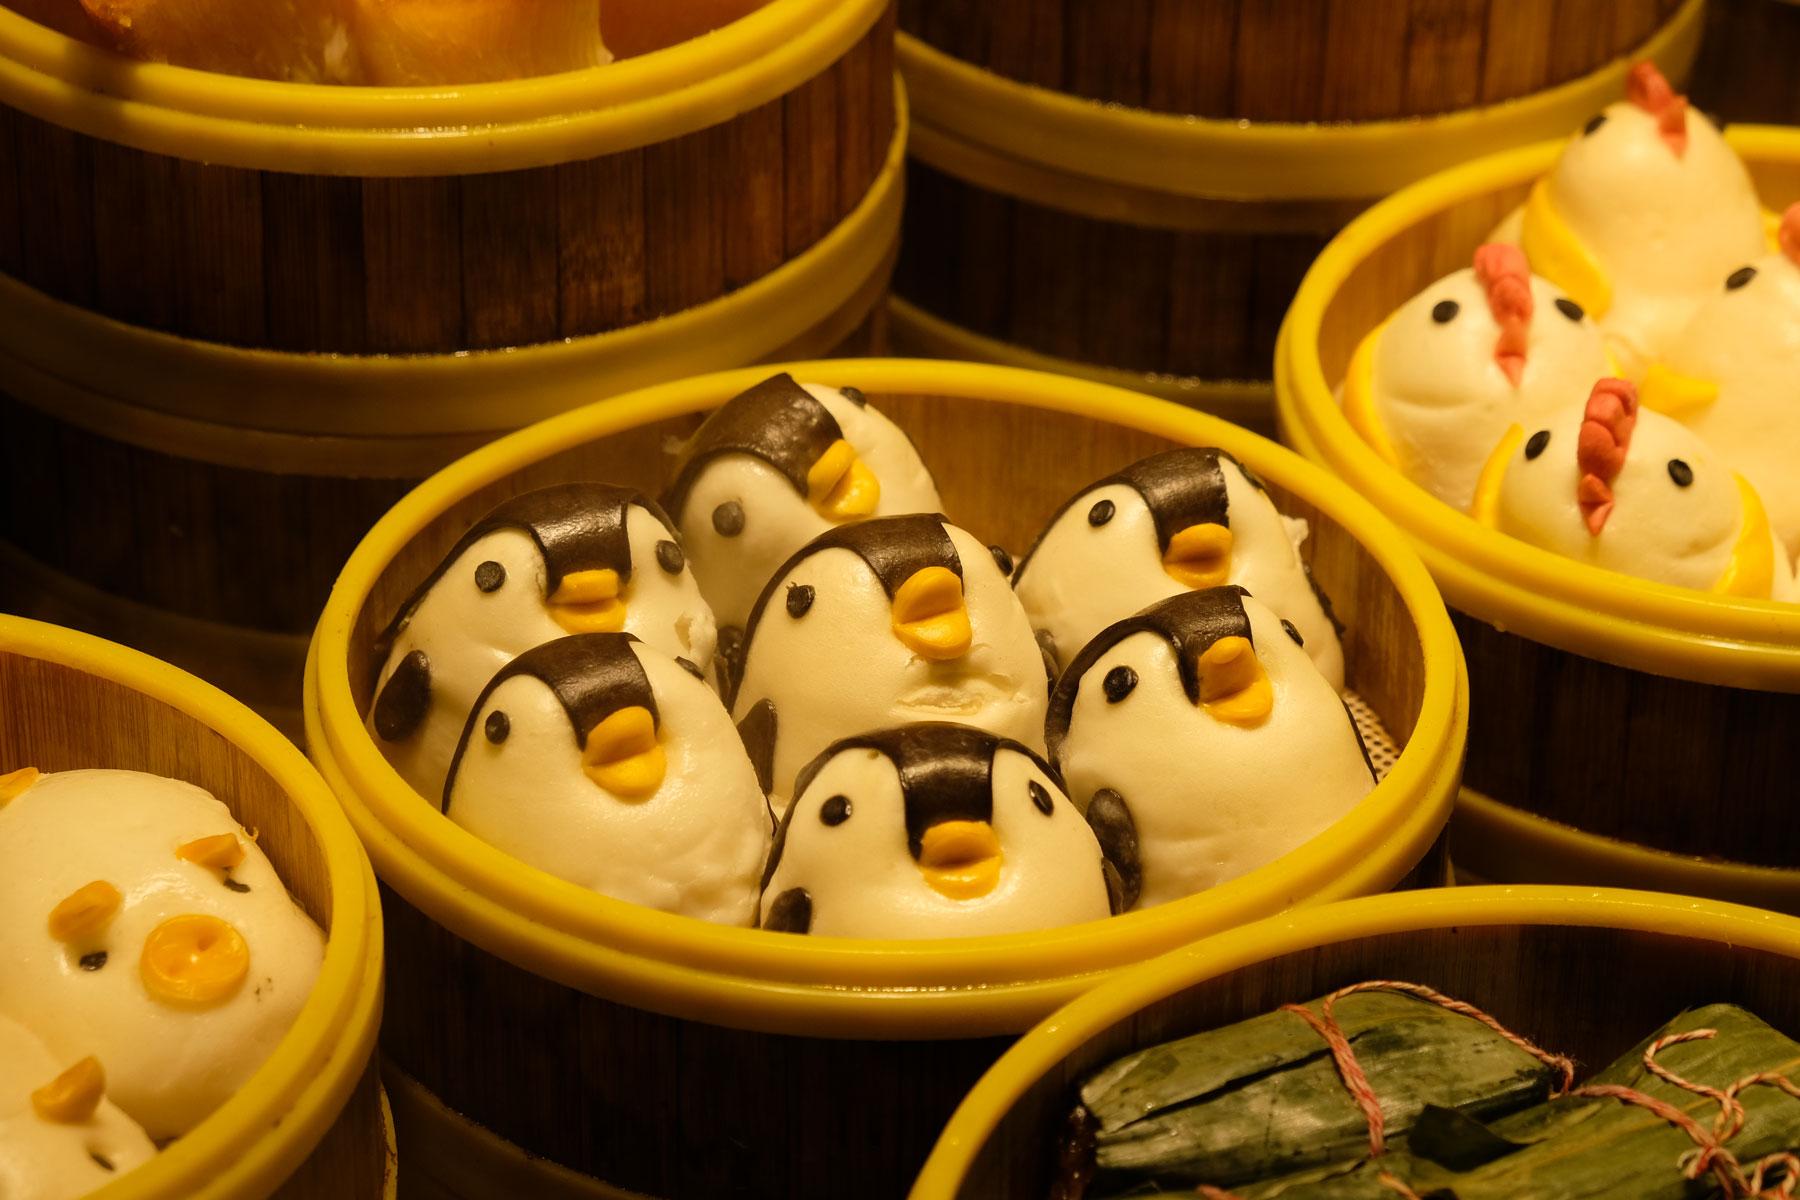 Als Pinguine verzierte Dampfbrötchen in Shanghais Künstlerviertel Tianzifang.